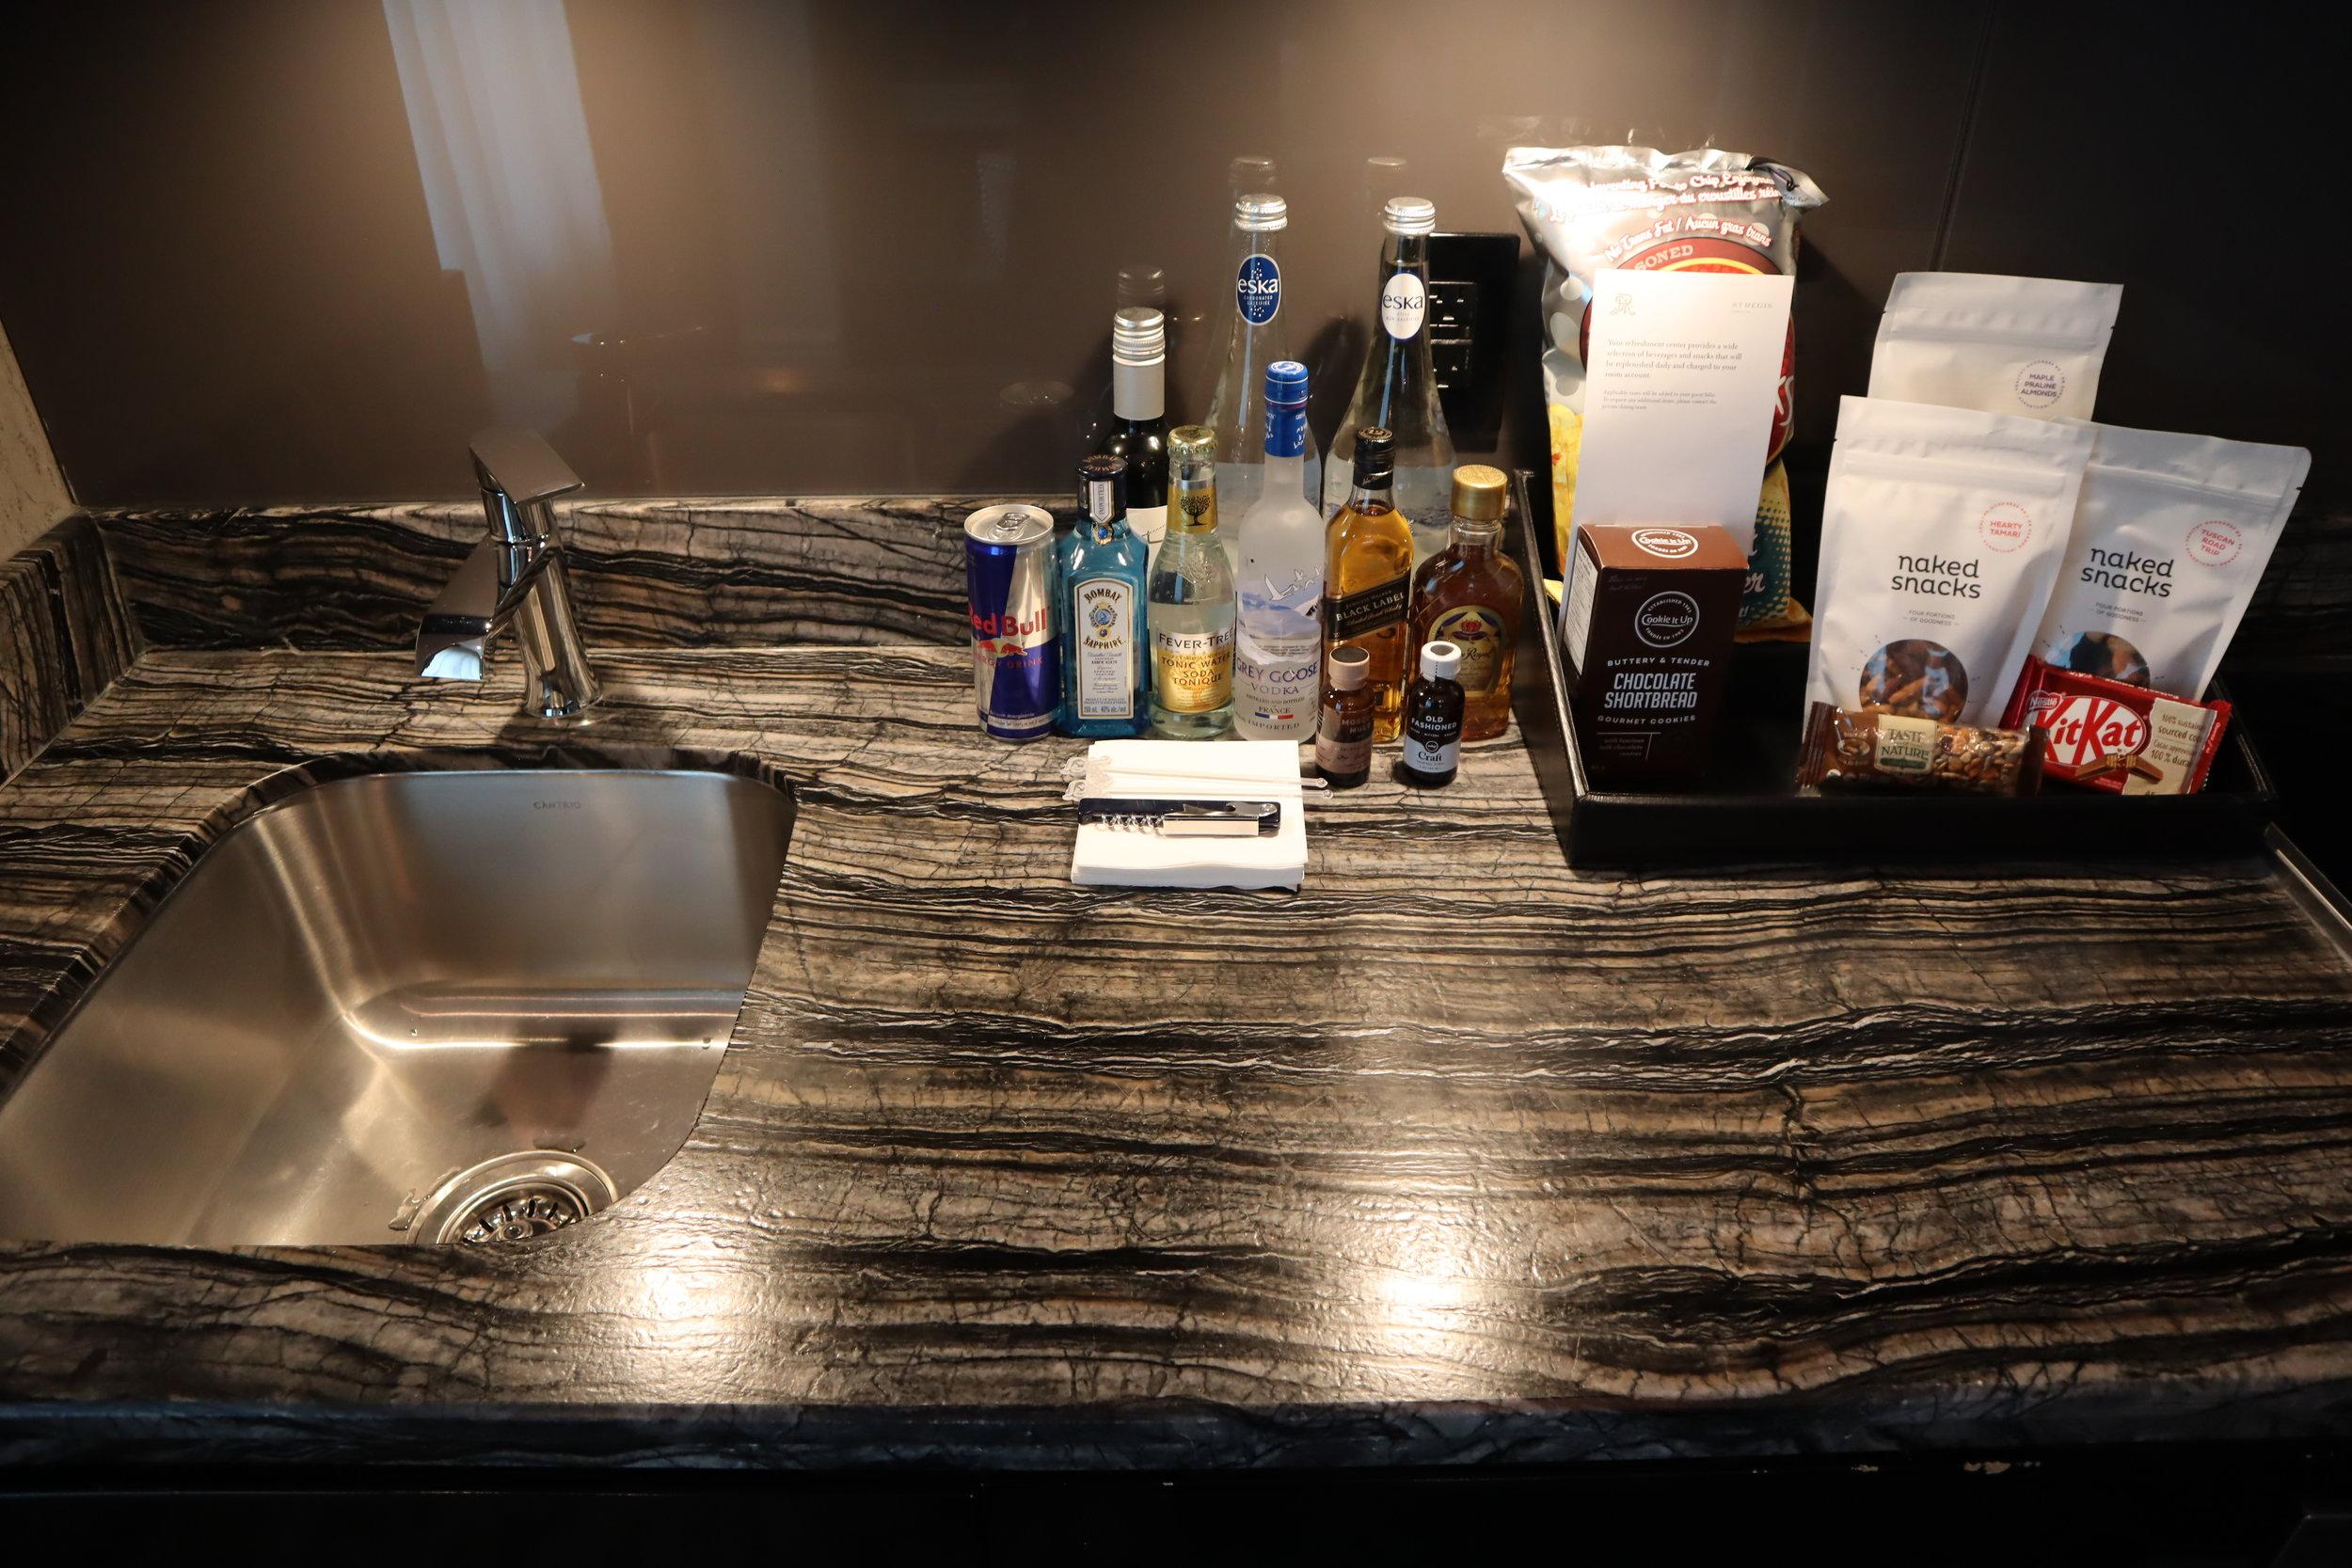 St. Regis Toronto – Two-bedroom suite sink and countertop